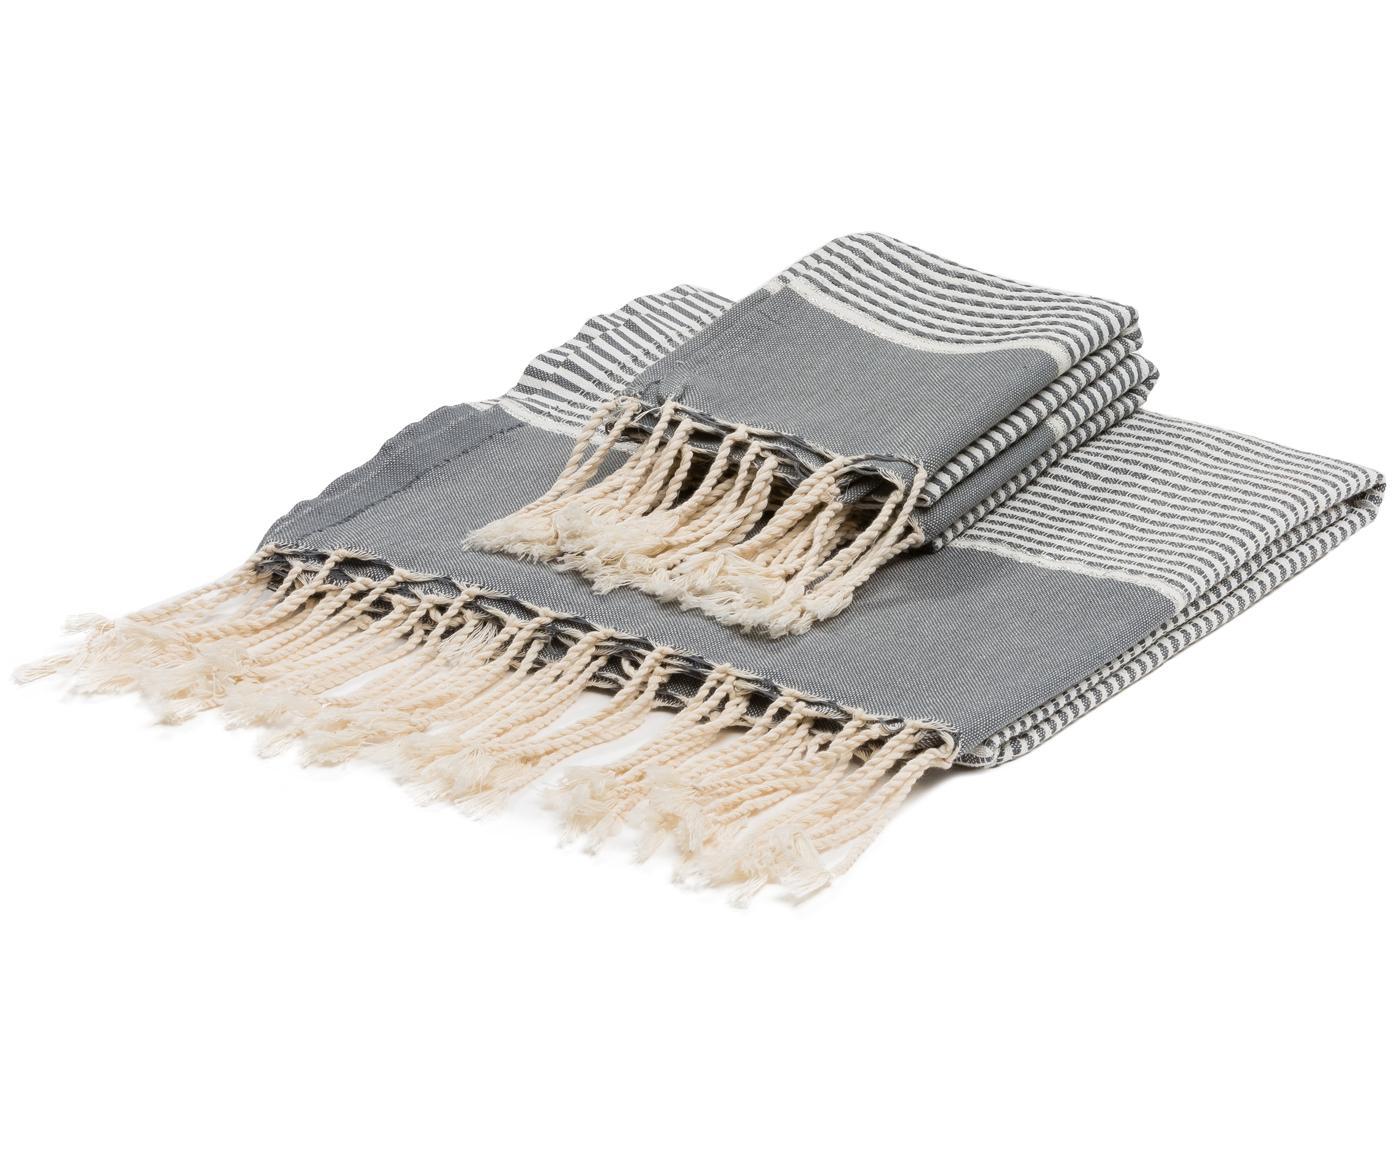 Komplet ręczników Copenhague z wykończeniem z lurexu, 3 elem., Szary, odcienie srebrnego, biały, Różne rozmiary